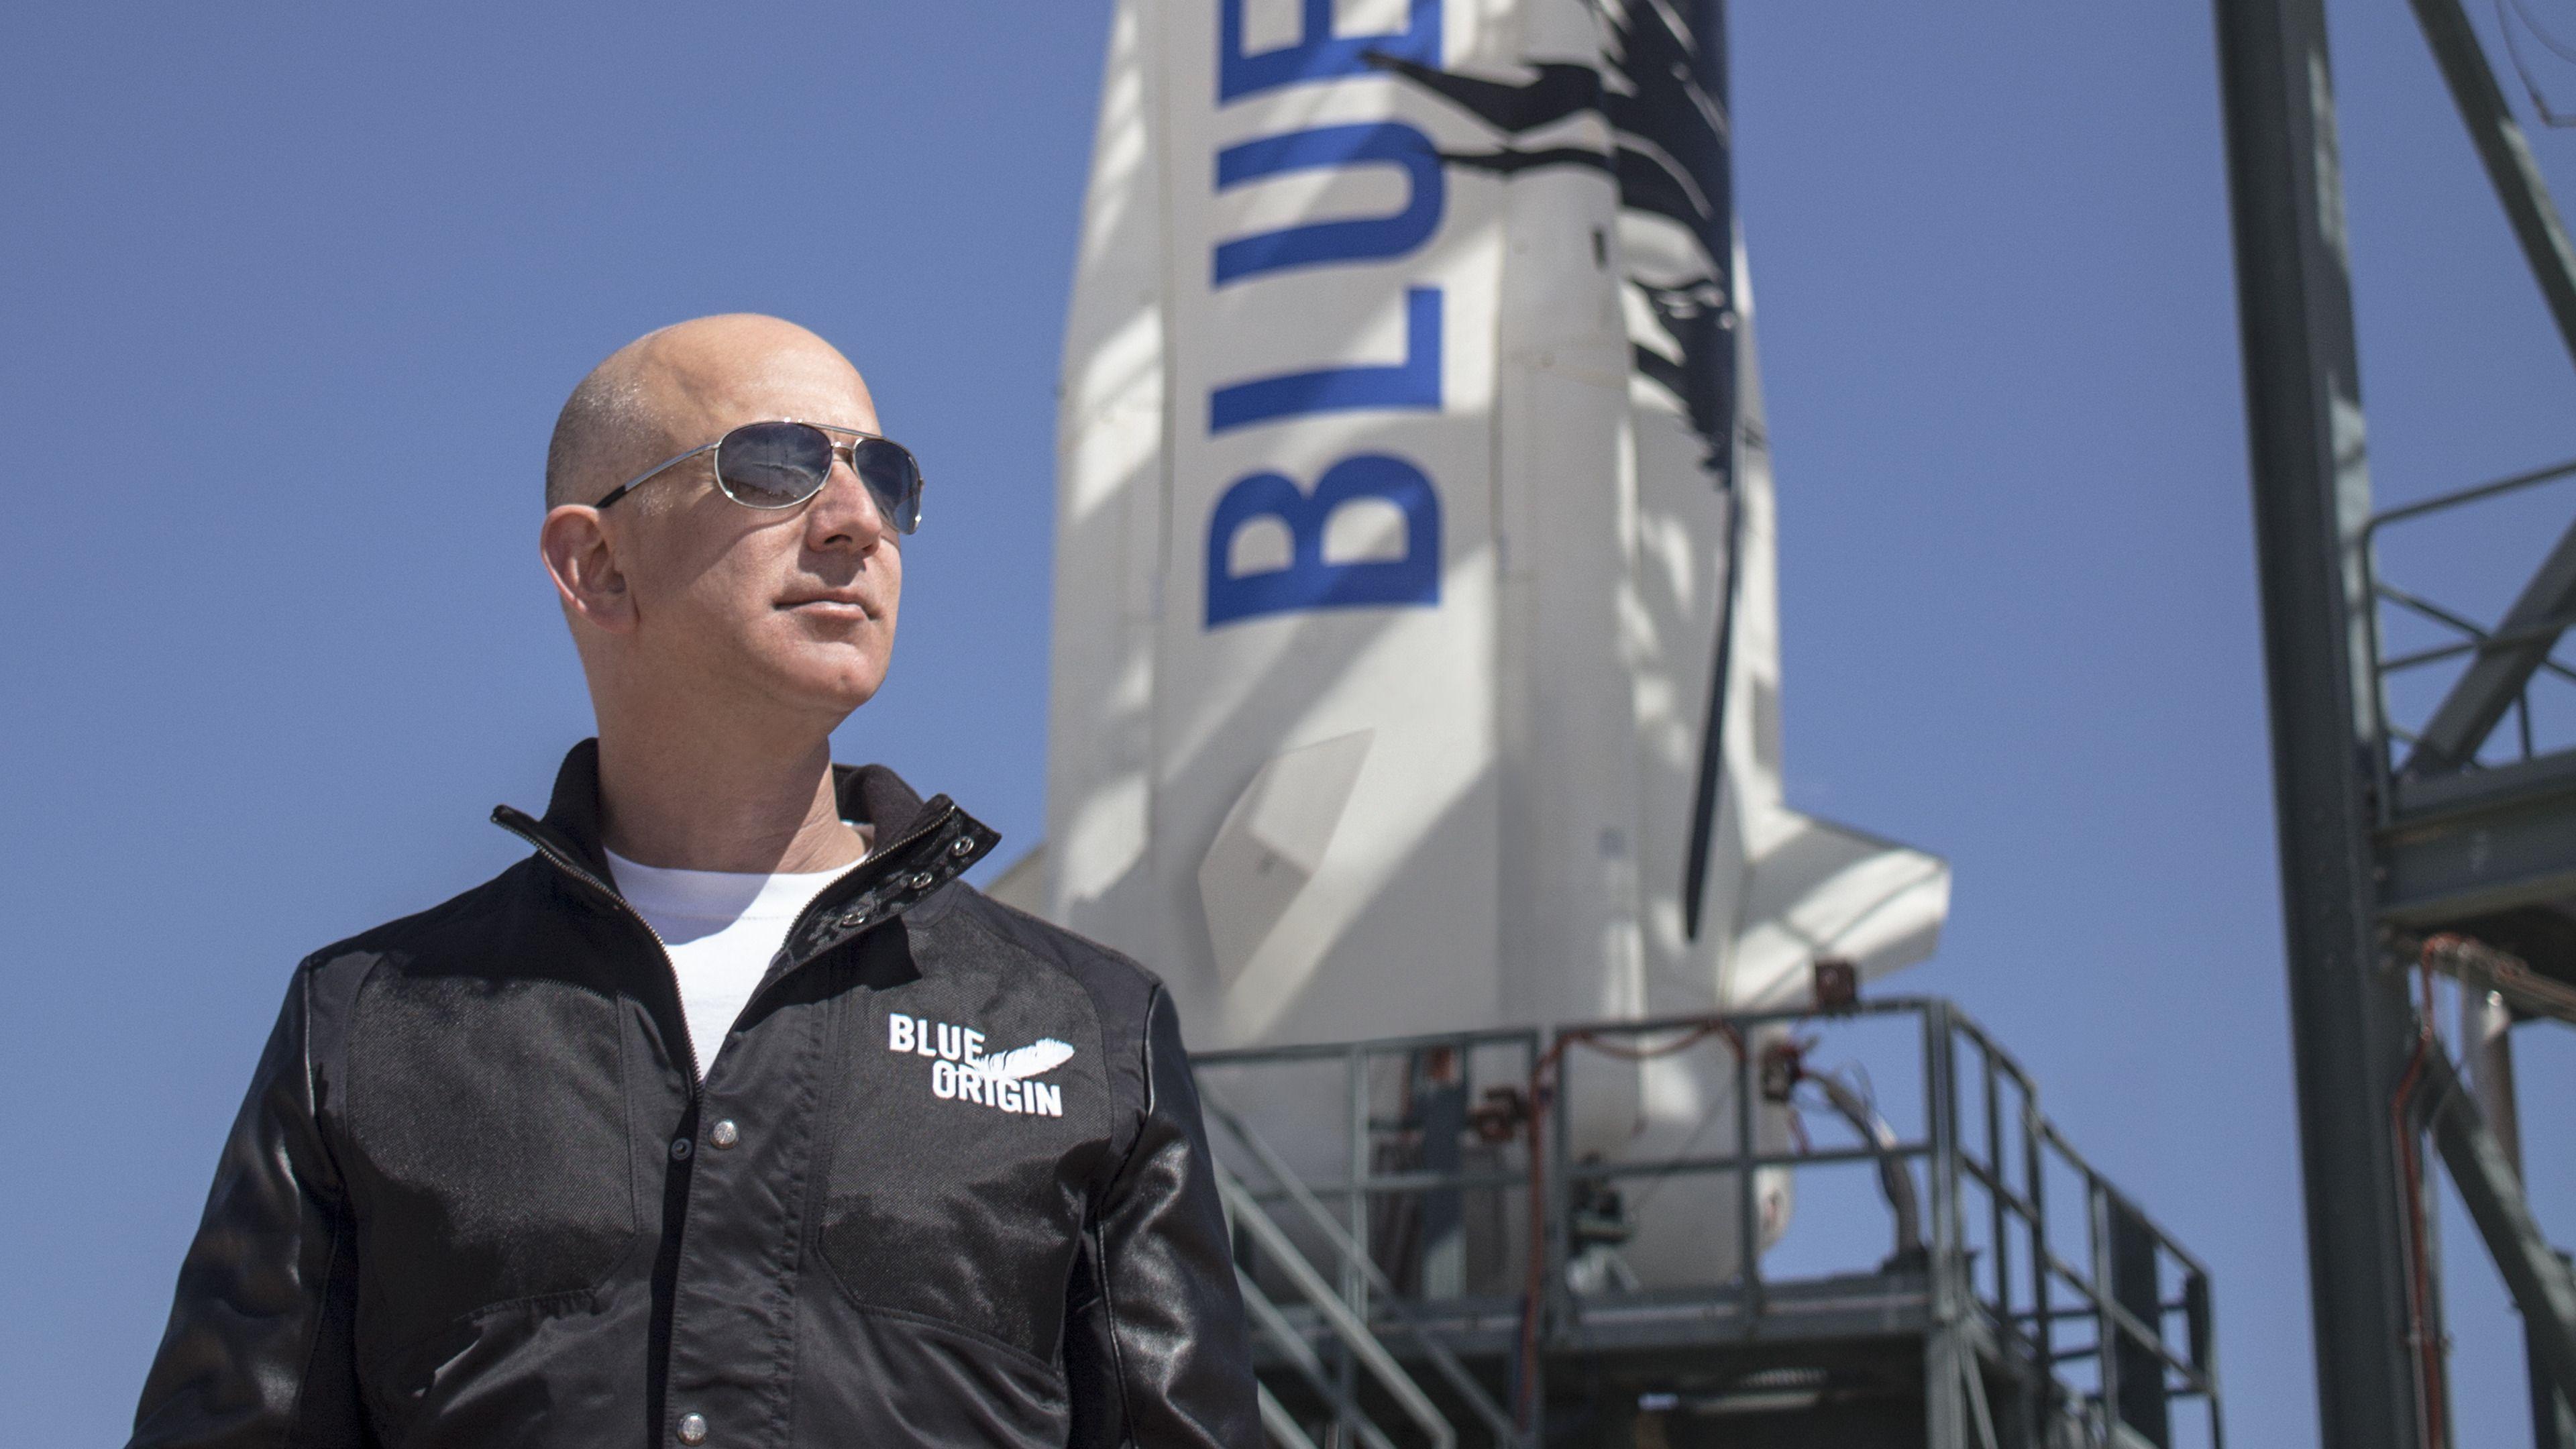 Amazon-sjef Jeff Bezos liker ting som går oppover. Formuen hans, markedsandelen til Amazon - og rakettene fra Blue Origin, et selskap som i utgangspunktet ble påtenkt for romturisme, men som lener seg mer og mer i retning av SpaceX-aktige planer. Amazon er fortsatt det største foretaket til Bezos, og er USAs 2. største arbeidsgiver.